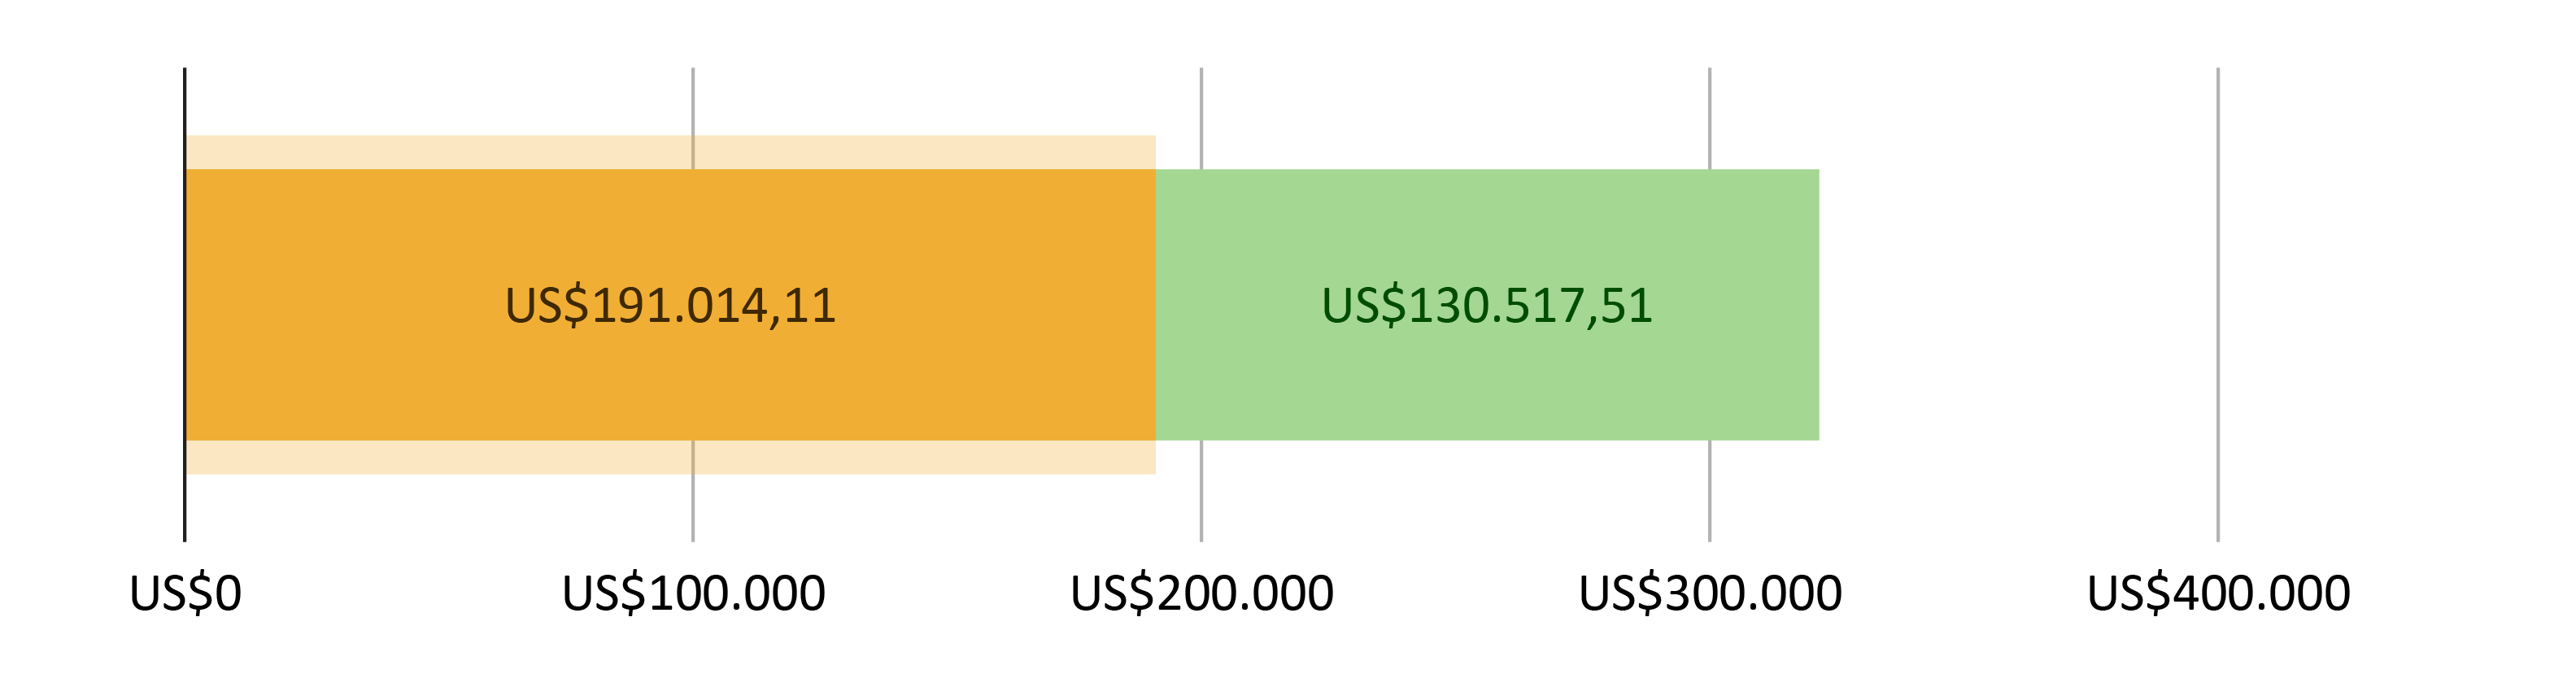 US$191.014,11 doados; mais US$130.517,51 previstos